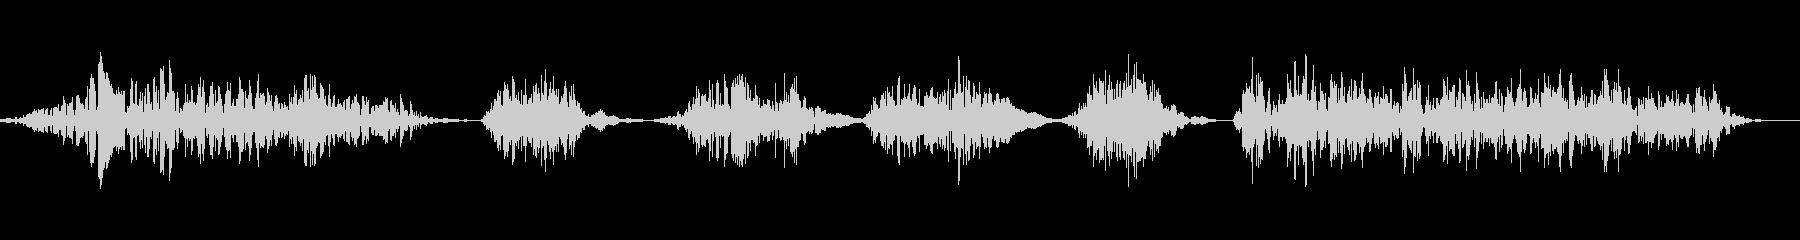 ワーハッハッハ2の未再生の波形